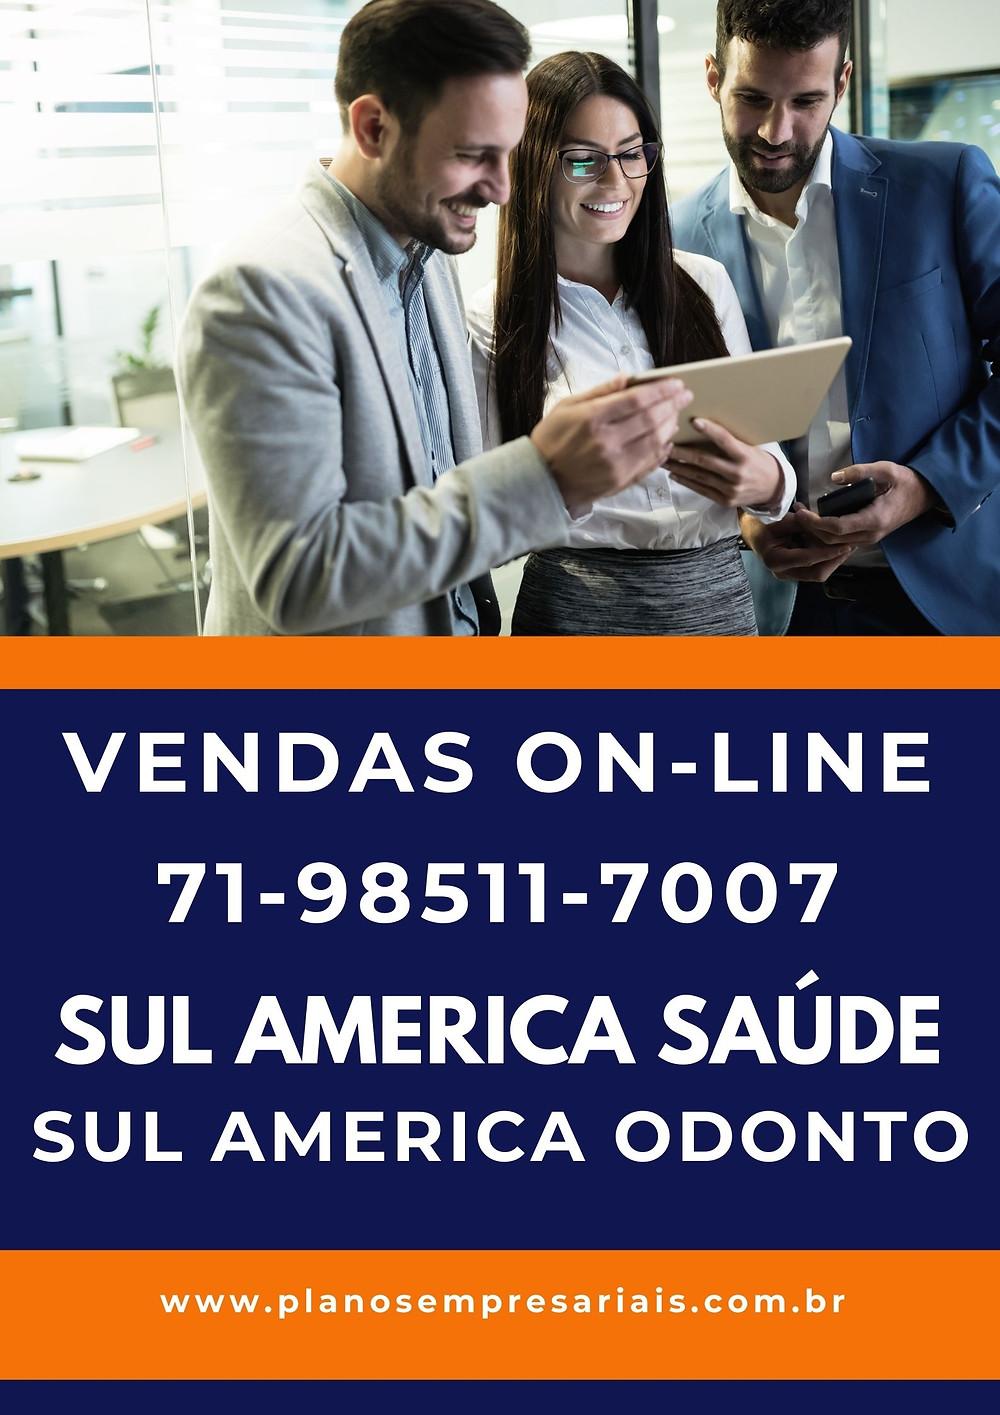 NACIONAL - Compre seu plano de Saude Sul America Saude